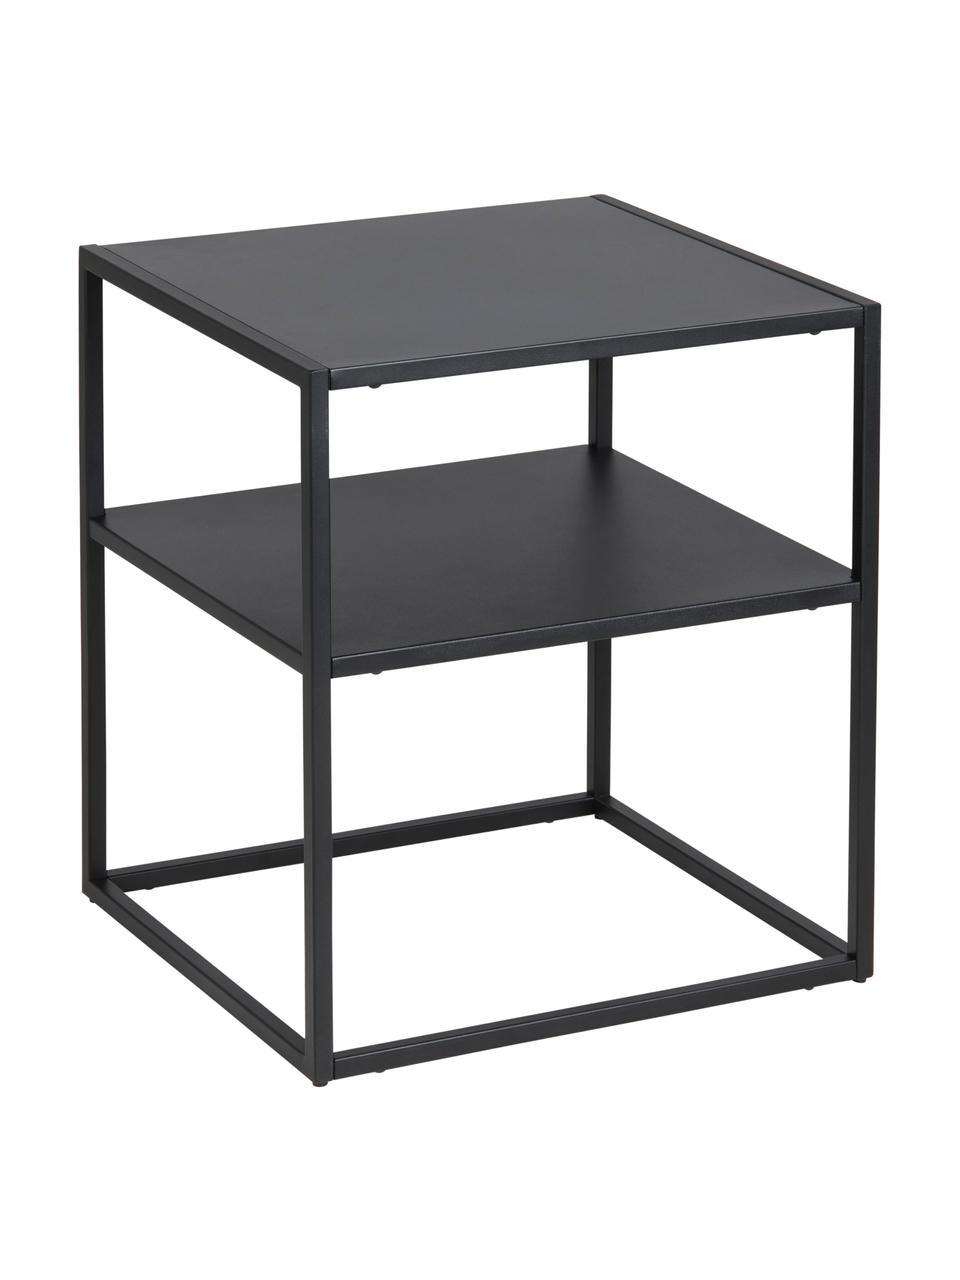 Tavolino in metallo nero Neptun, Metallo verniciato a polvere, Nero, Larg. 45 x Prof. 40 cm